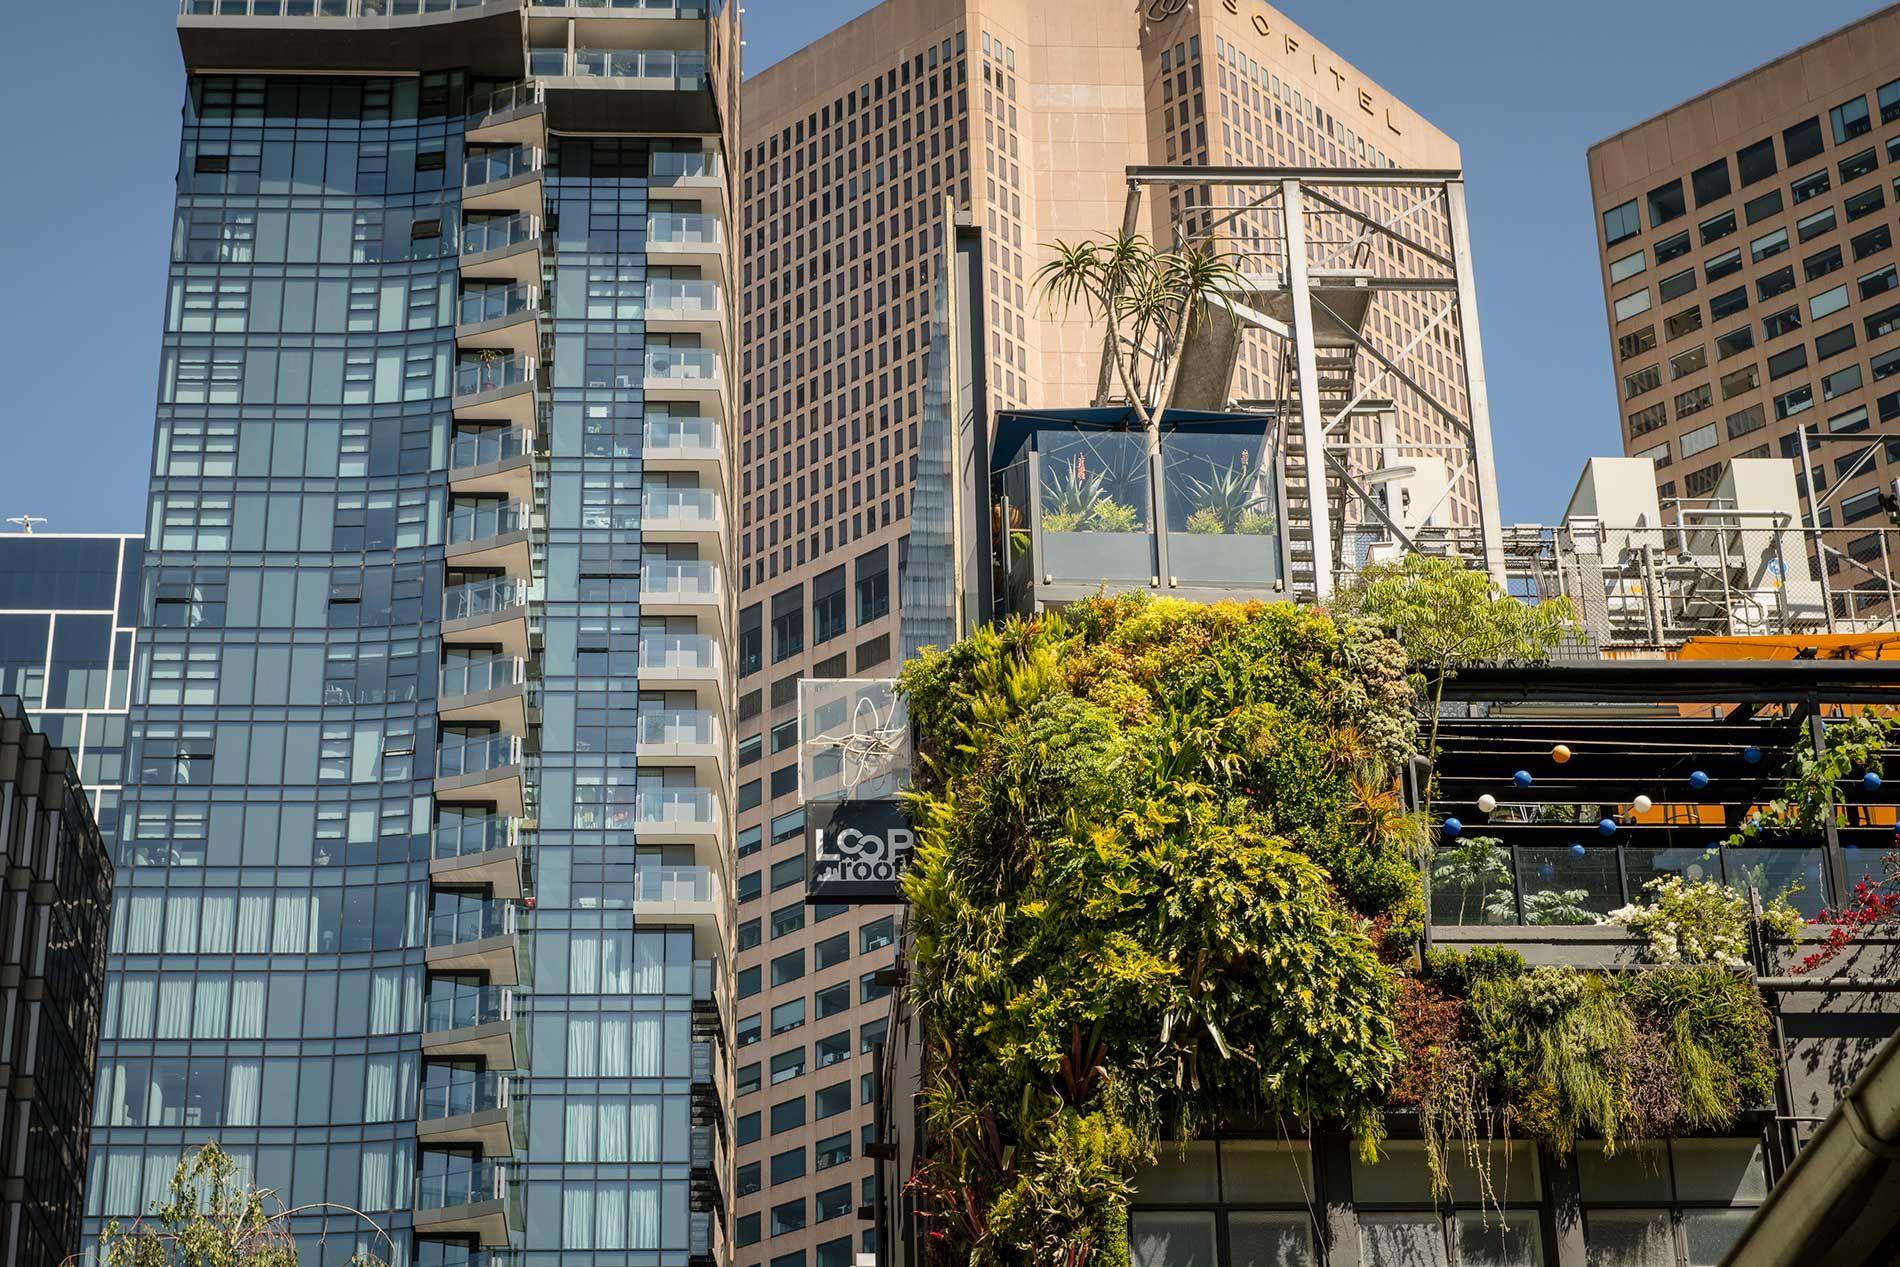 Loop Roof Loop Top Rooftop Cocktail Bar Garden Oasis Loop Roof Loop Top Rooftop Cocktail In 2020 | Garden Design Magazine, Garden Oasis, Zen Garden Design